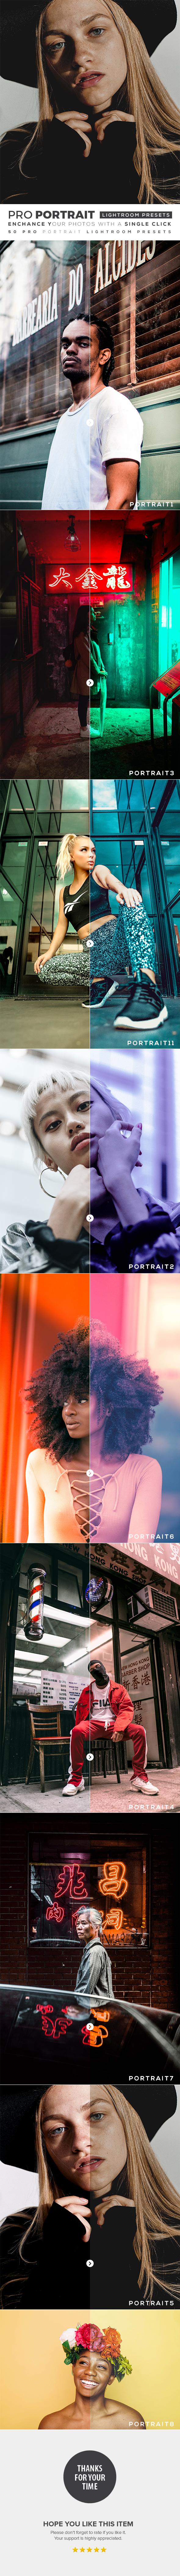 50 Pro Portrait Lightroom Presets - Portrait Lightroom Presets